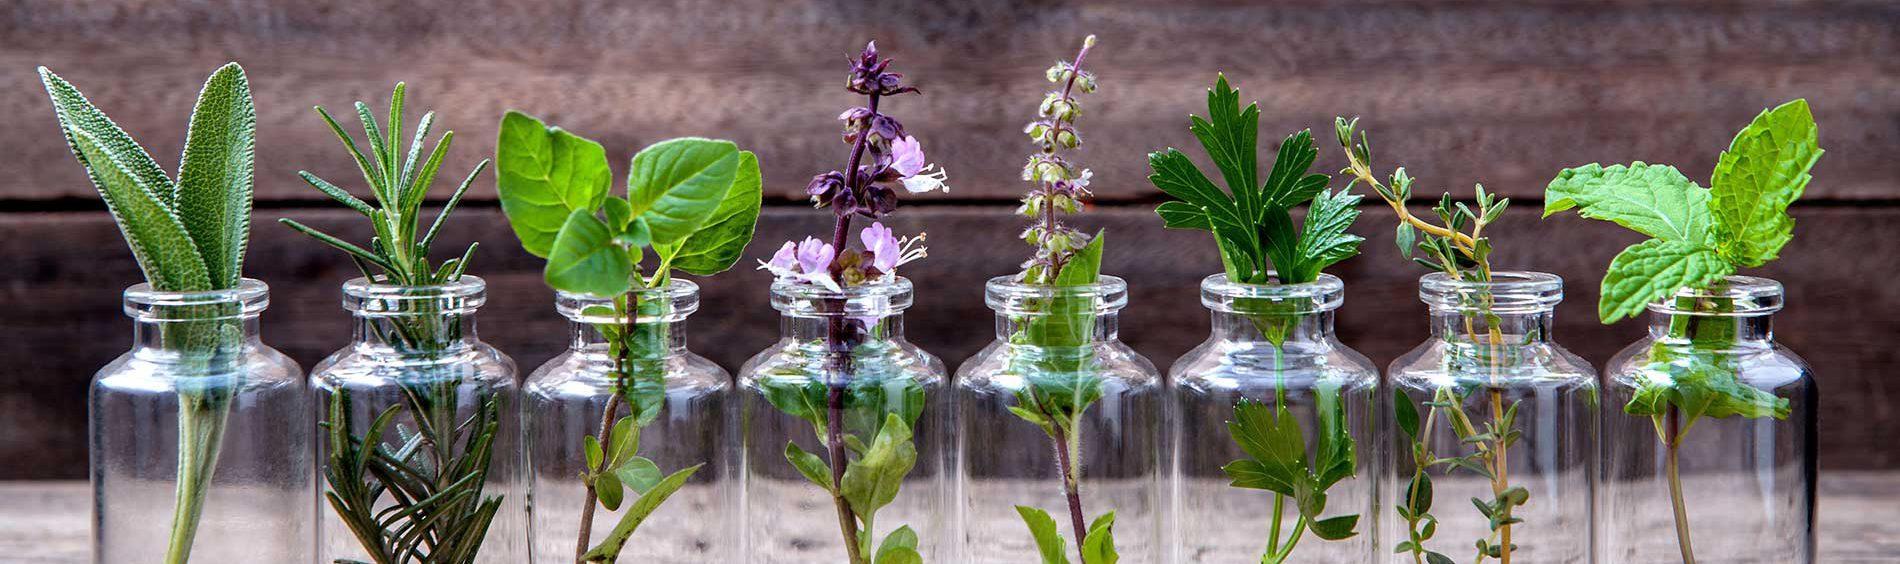 Aromathérapie, phytothérapie